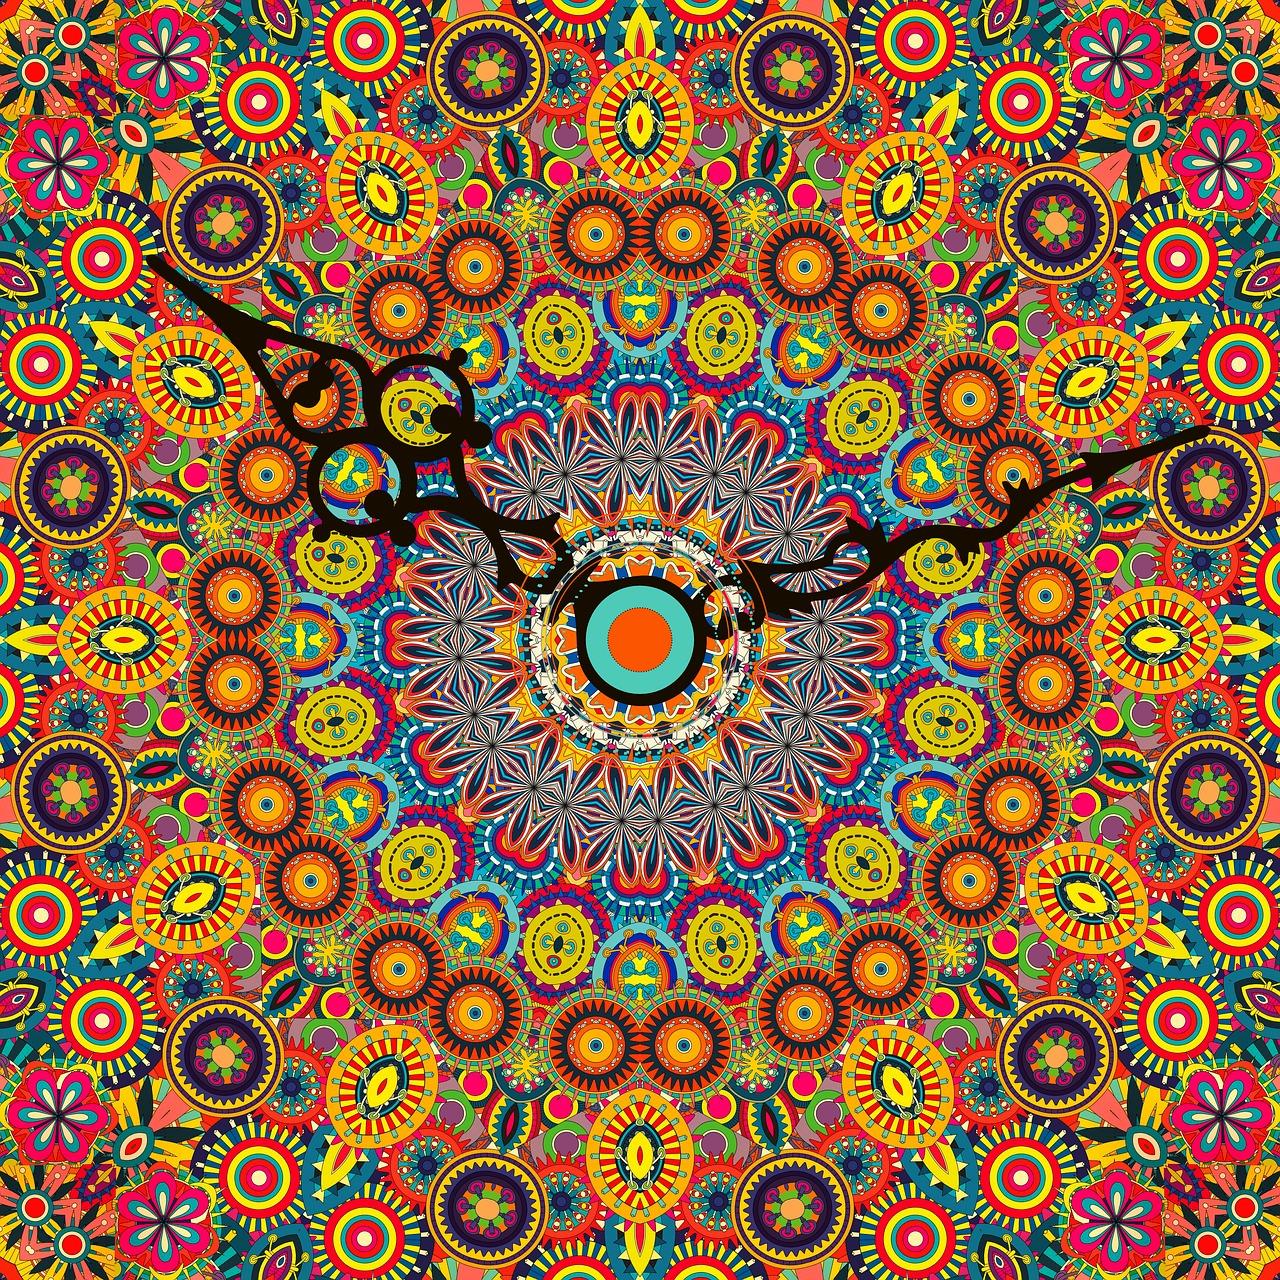 [Image: Clock-Face-Pattern-Mandala-Time-Mandalas...907222.jpg]